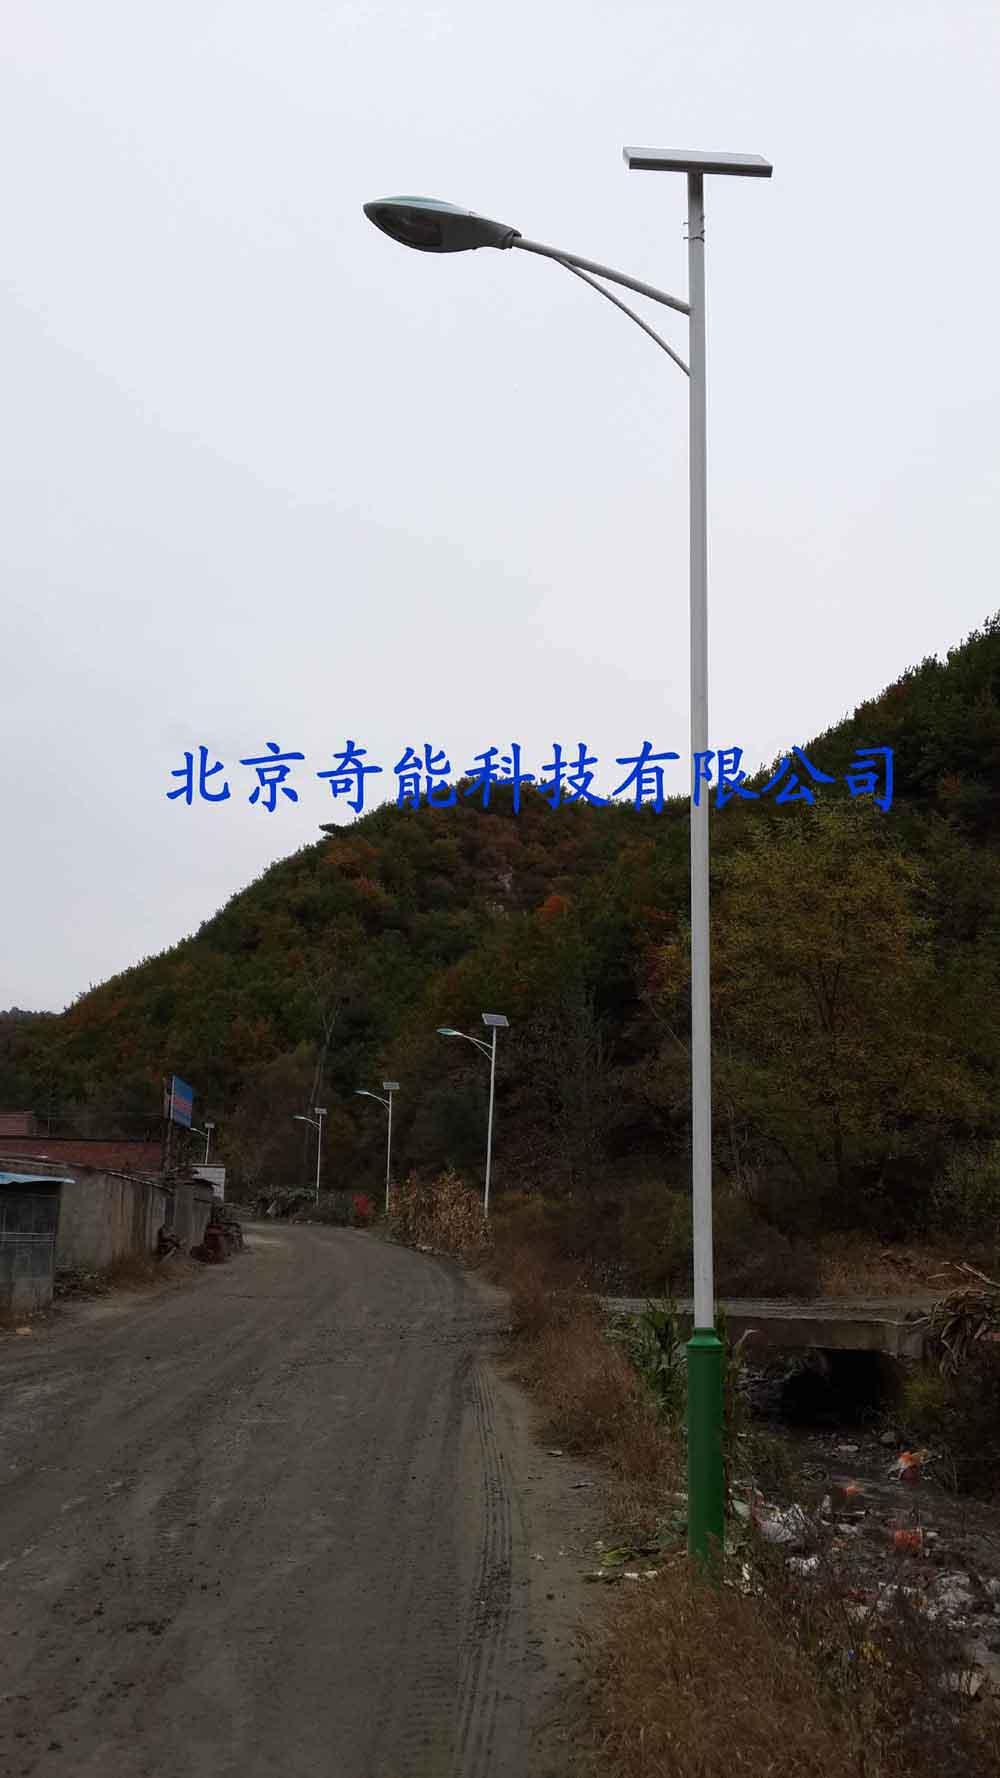 宽城县唐家庄村太阳能路灯工程